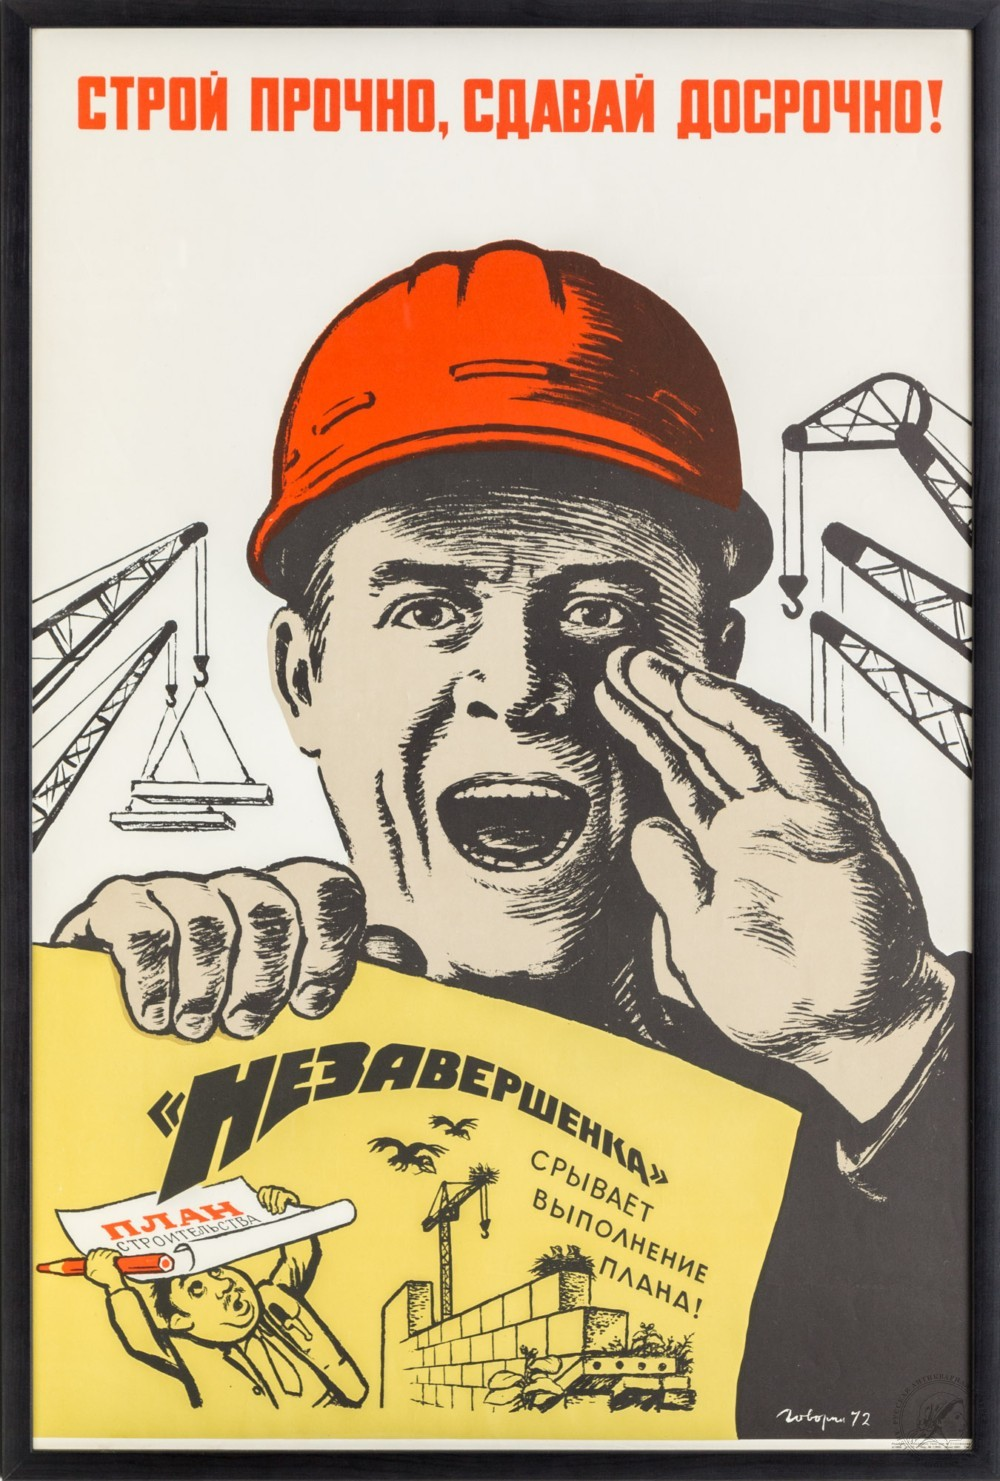 Плакат «Строй прочно, сдавай досрочно!»